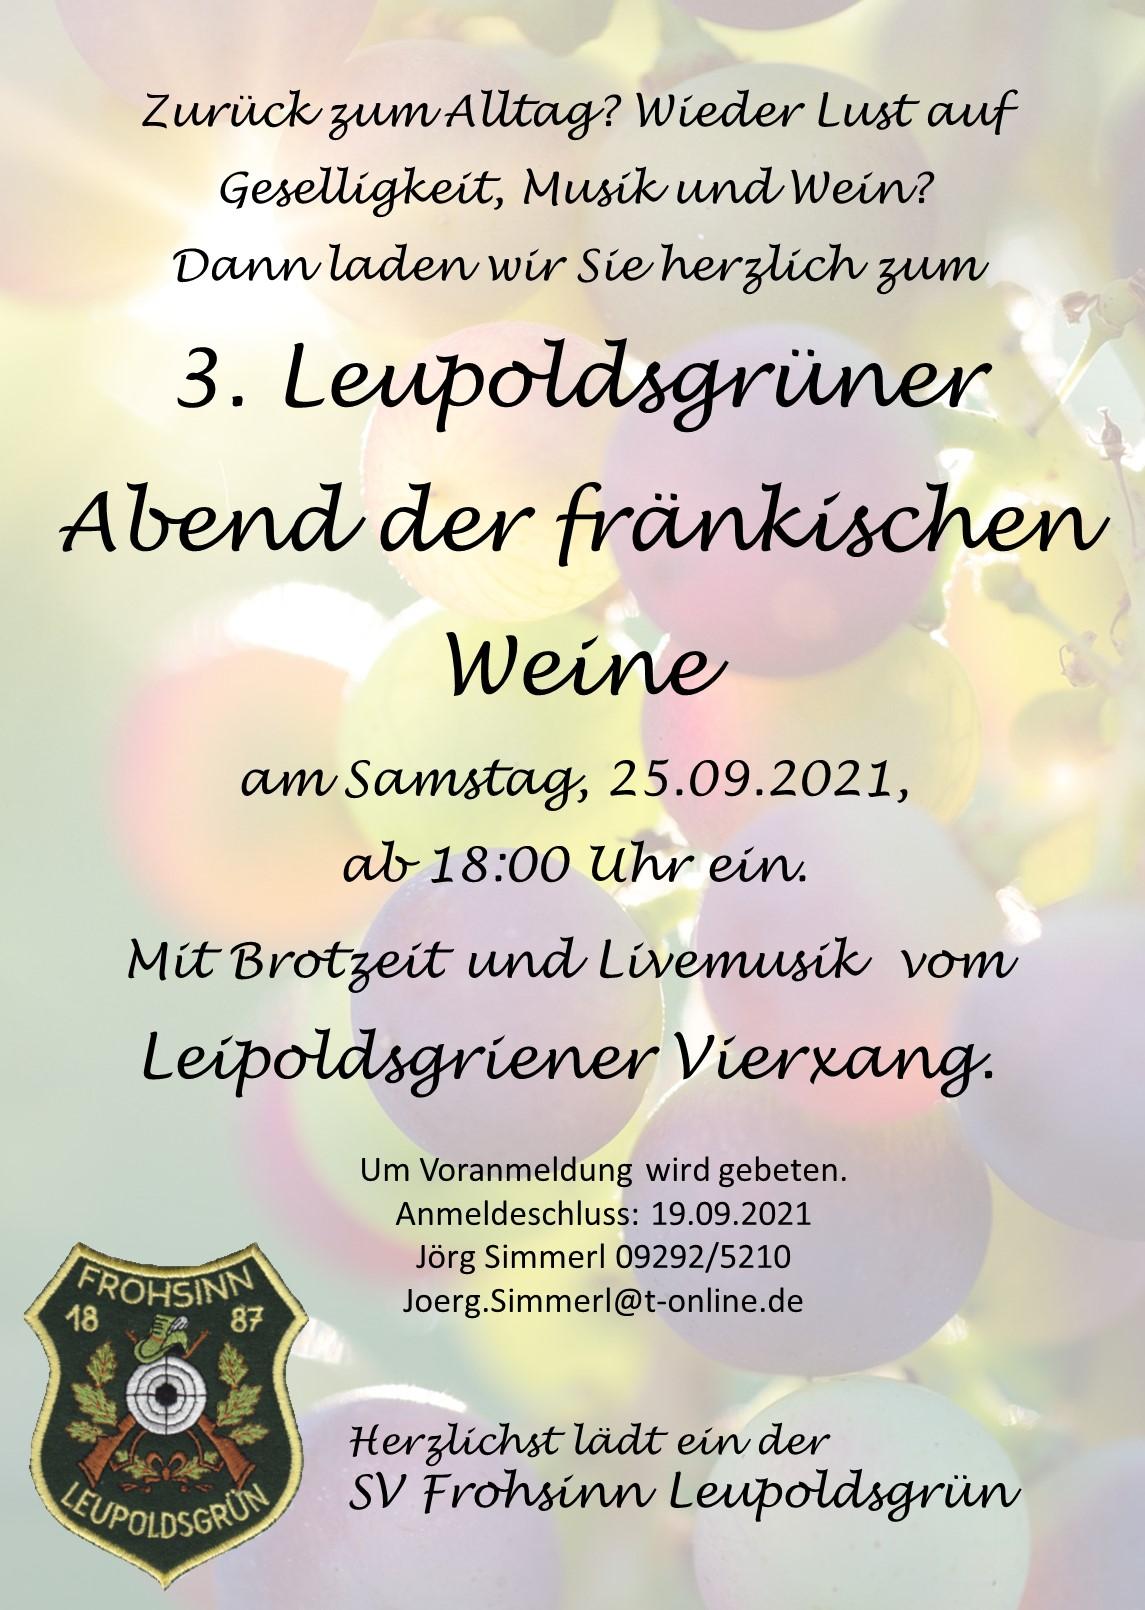 Einladung zum Weinfest am 25.09.2021